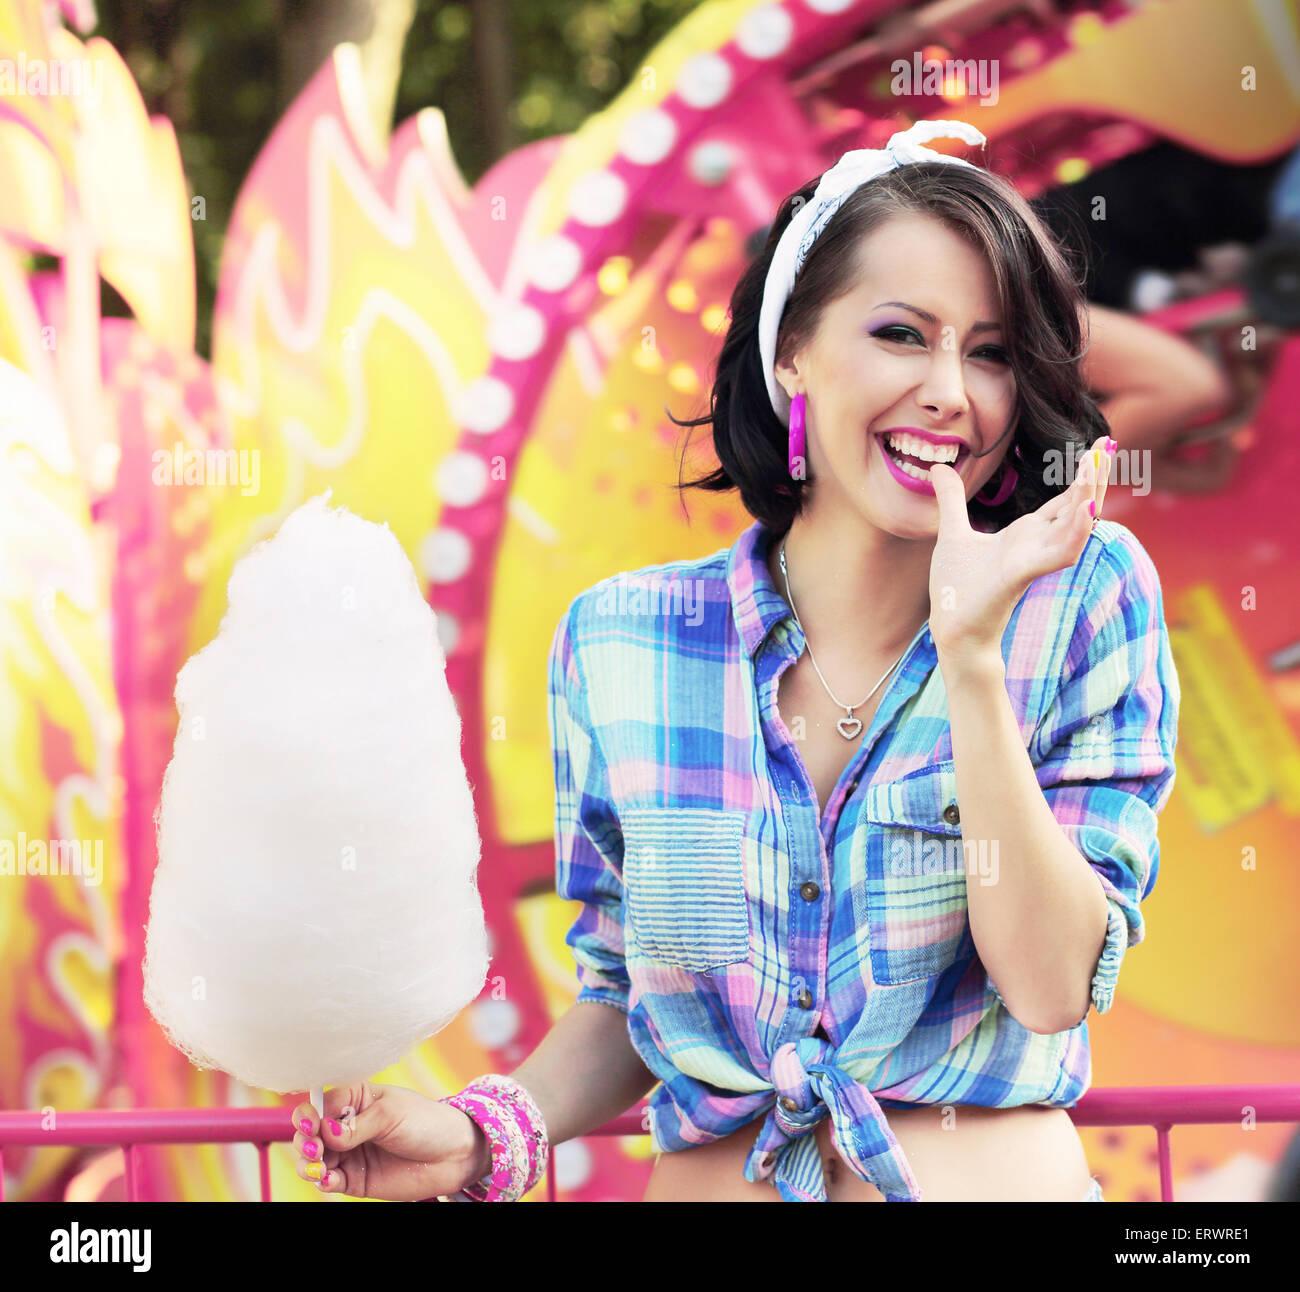 Gran Sonrisa. Mujer joven con Cotton Candy en Parque de Atracciones Imagen De Stock